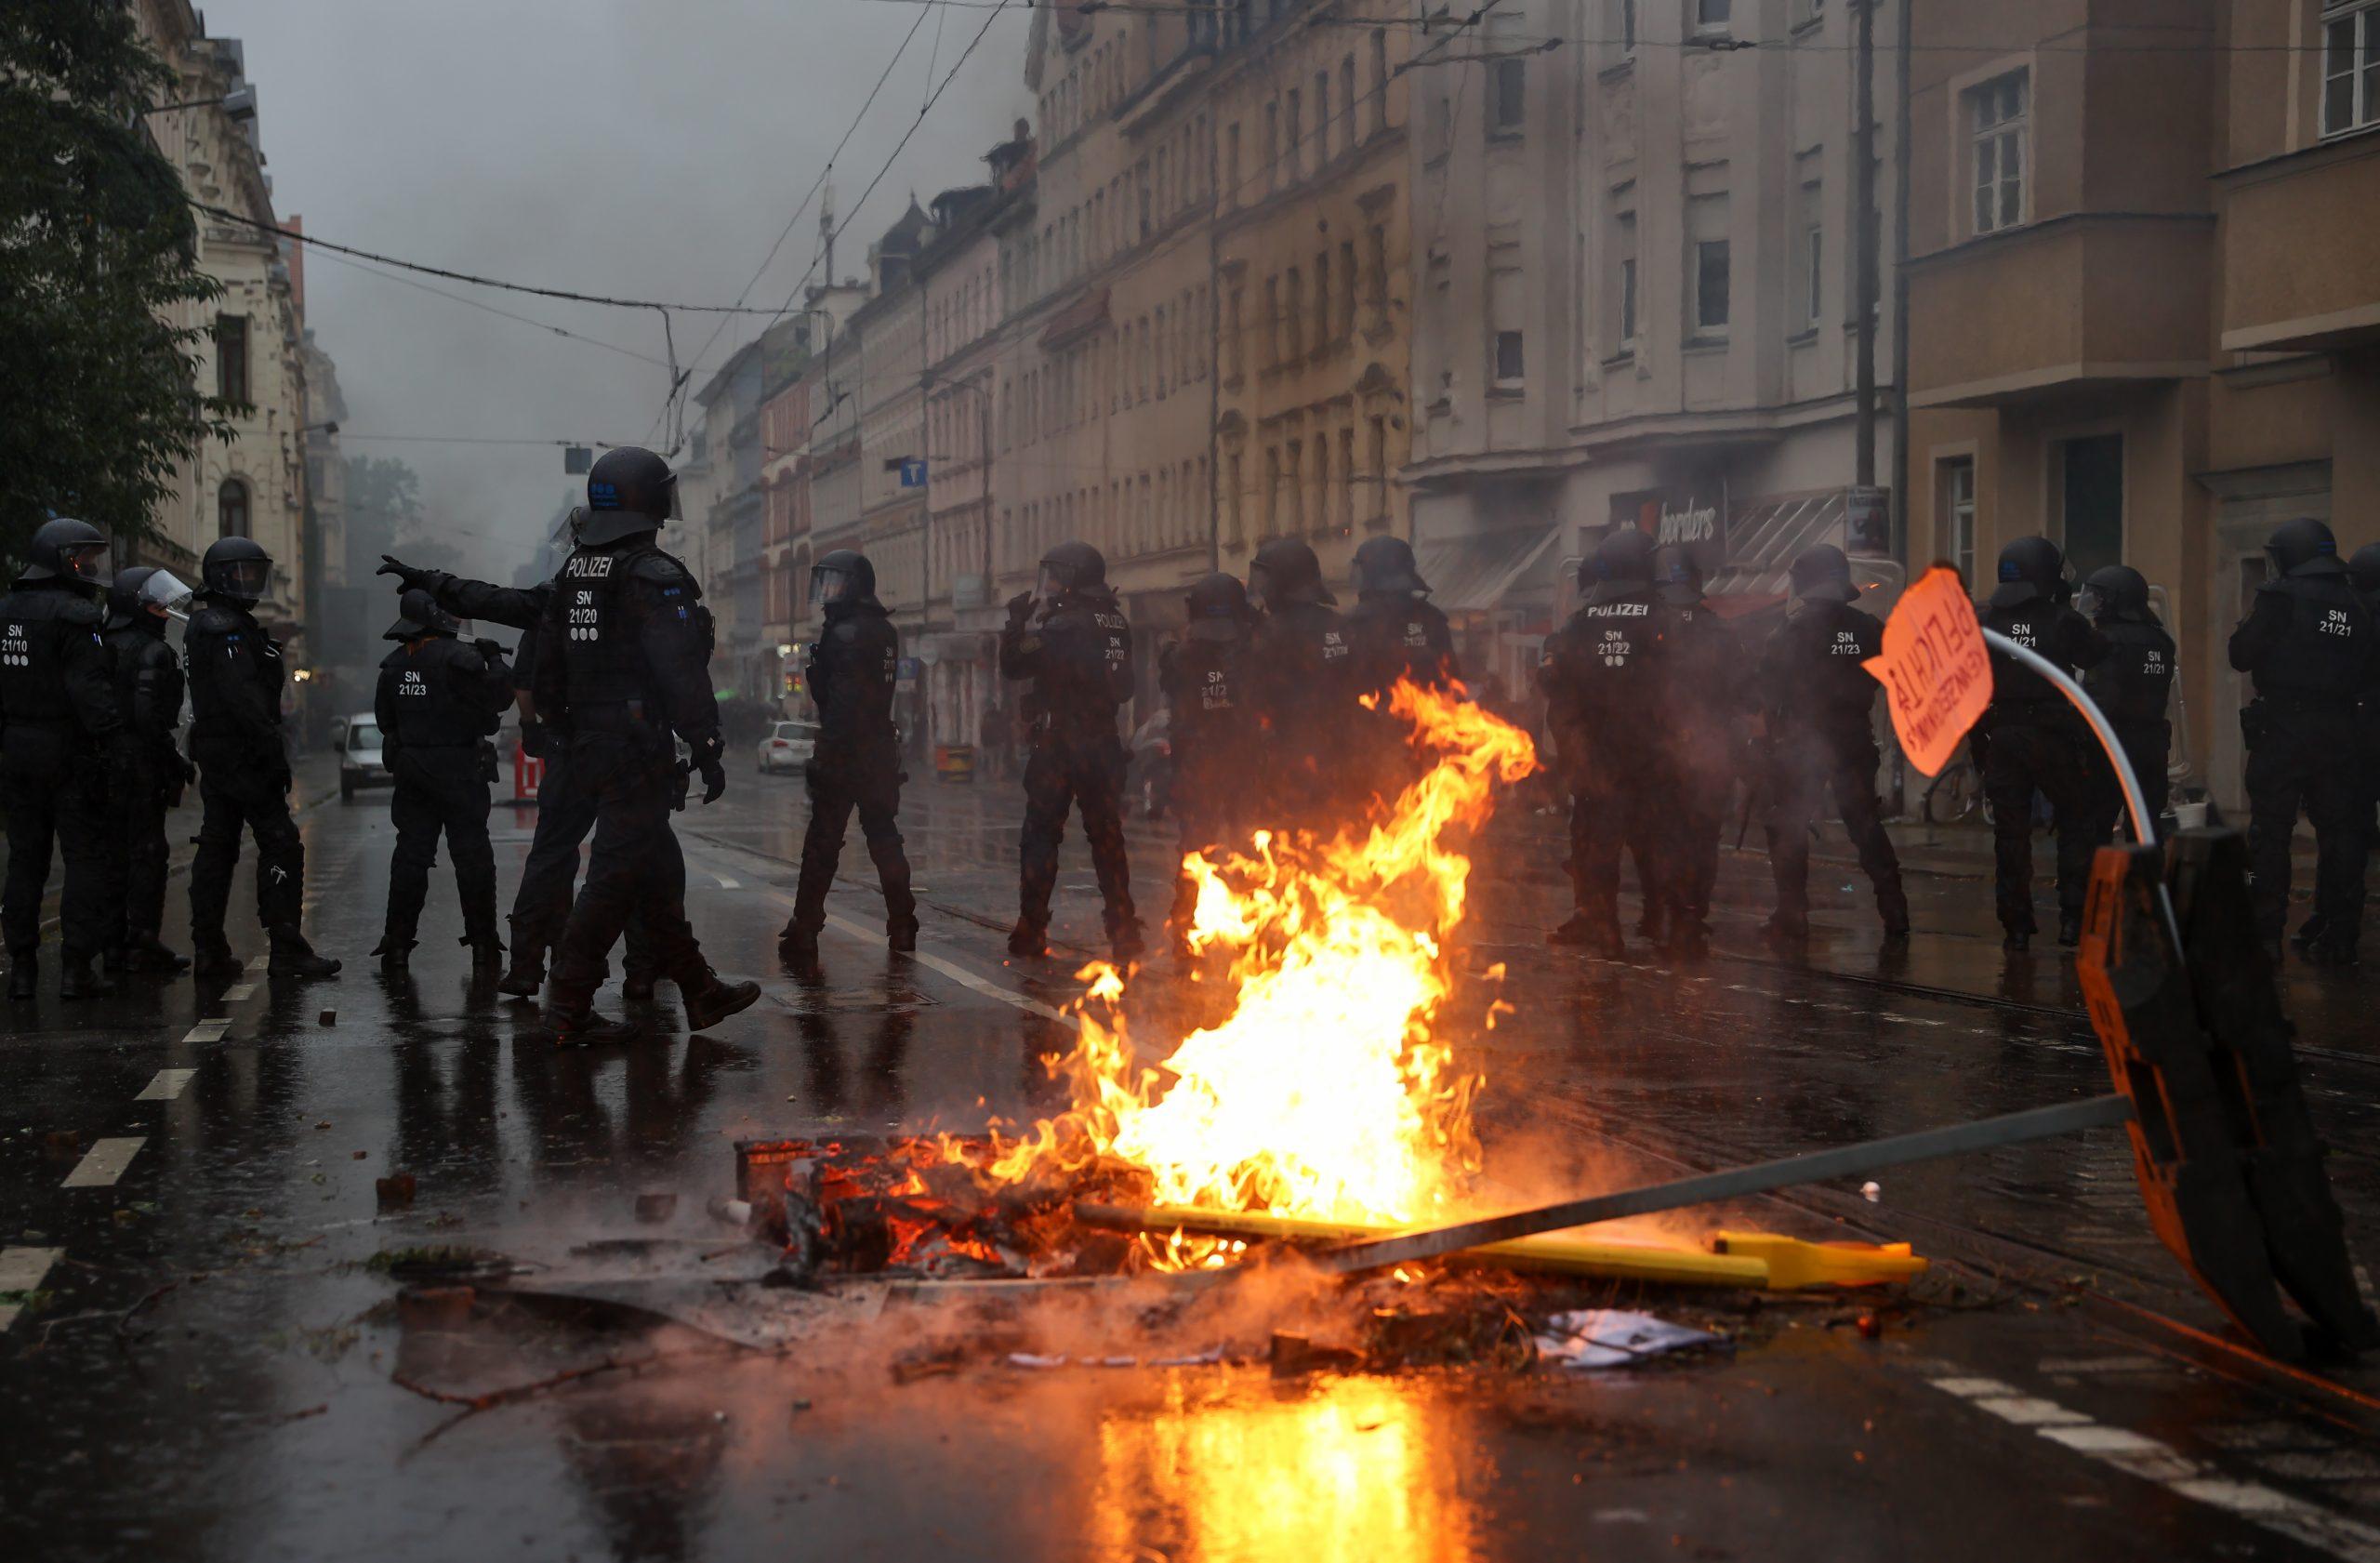 Polizisten sichern die Wolfgang-Heinze-Straße, nachdem es nach Ende einer linken Demonstration zu Ausschreitungen kam.